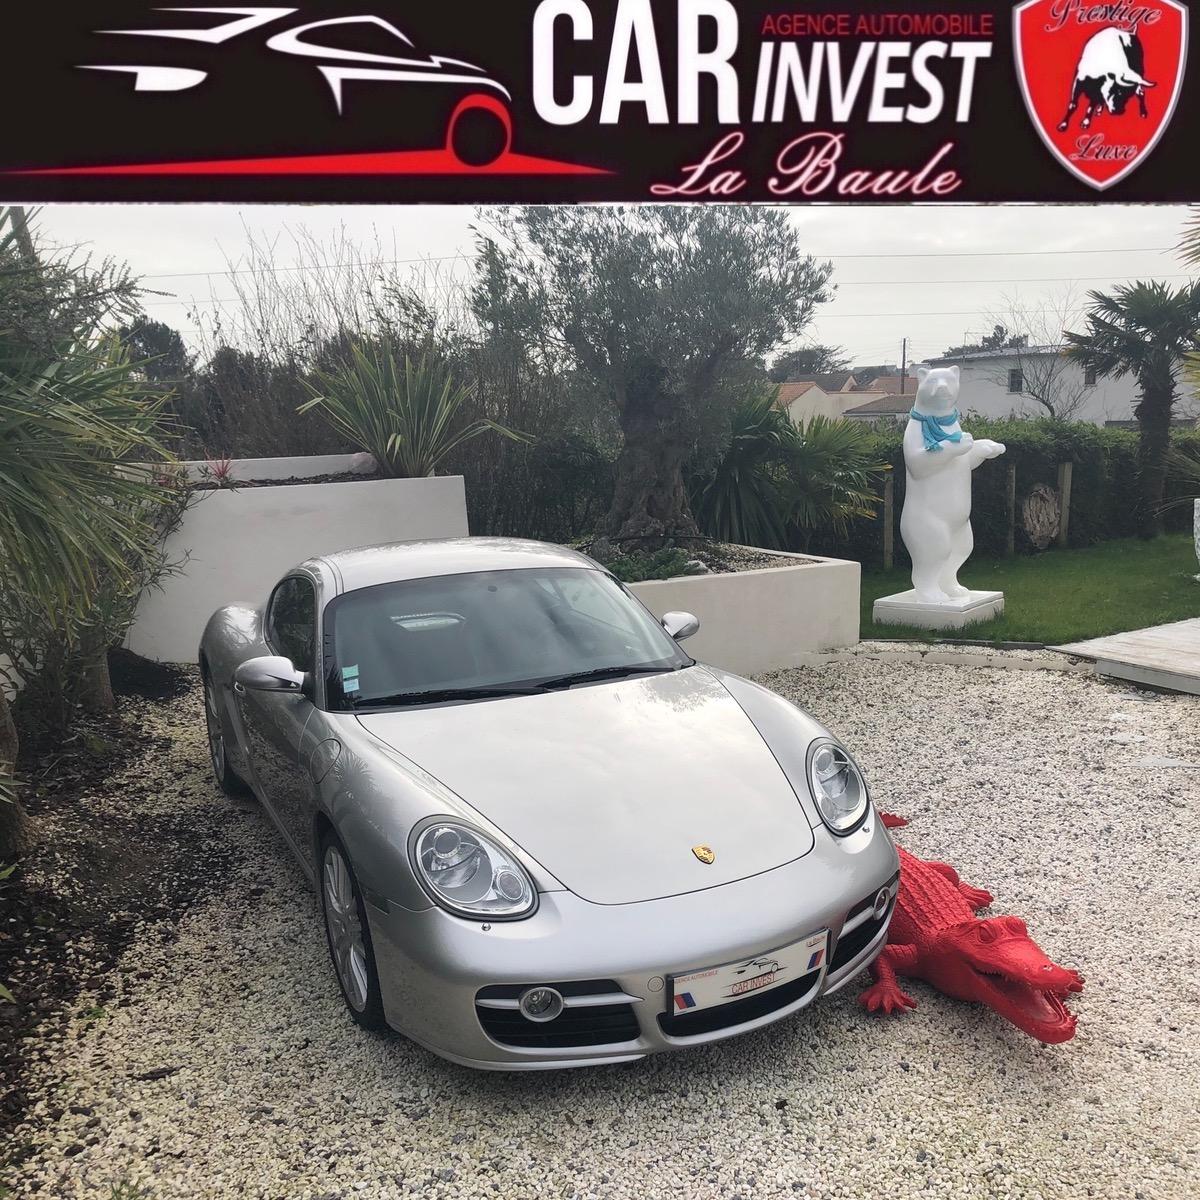 Porsche Cayman 3.4i - 295 2